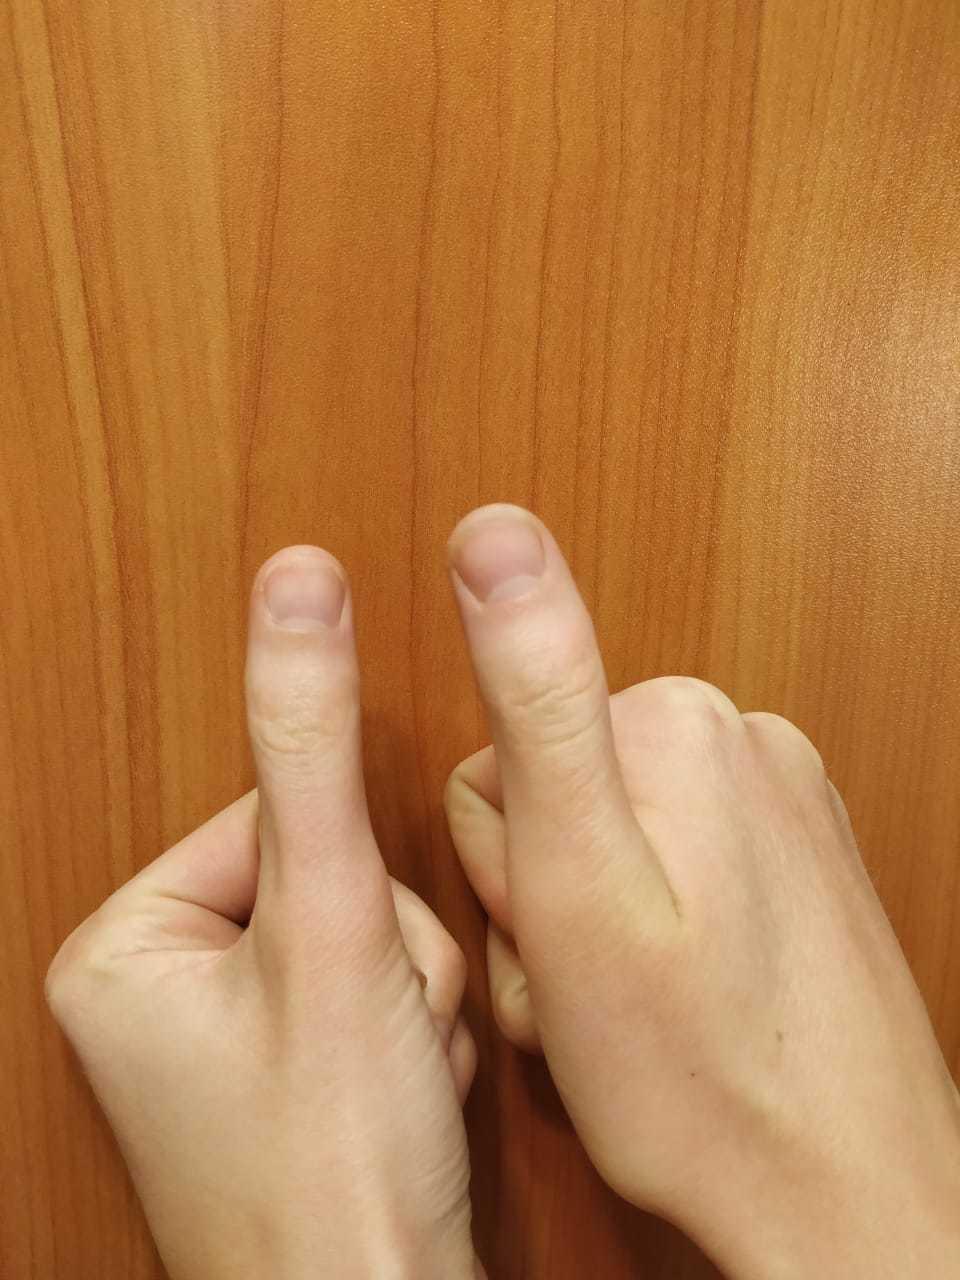 крючковатые пальцы фото что парочка